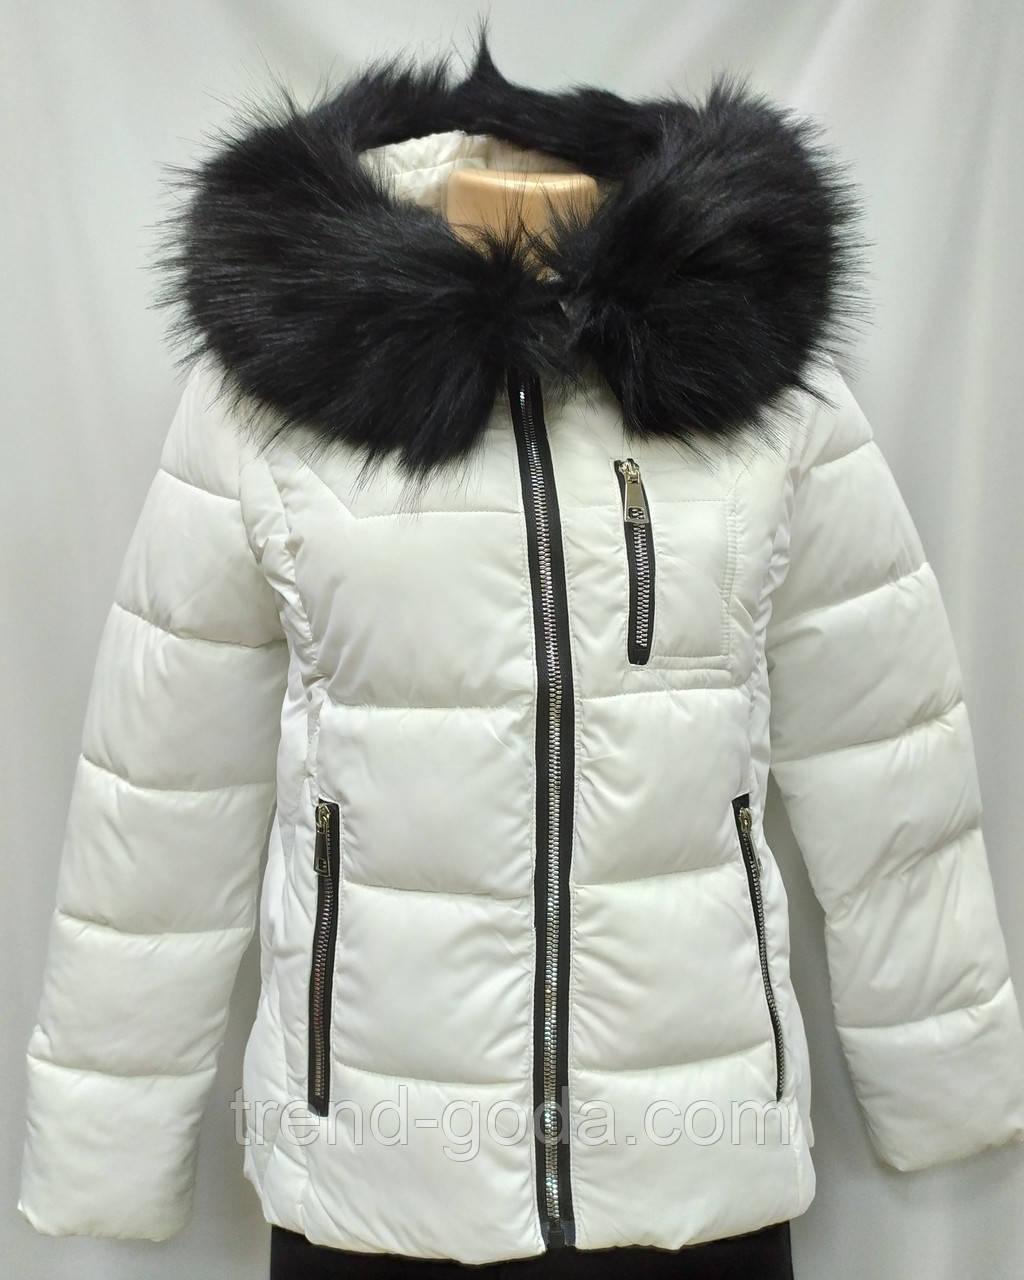 Куртка белая женская  с ромбовидными узорами, сезон осень-зима